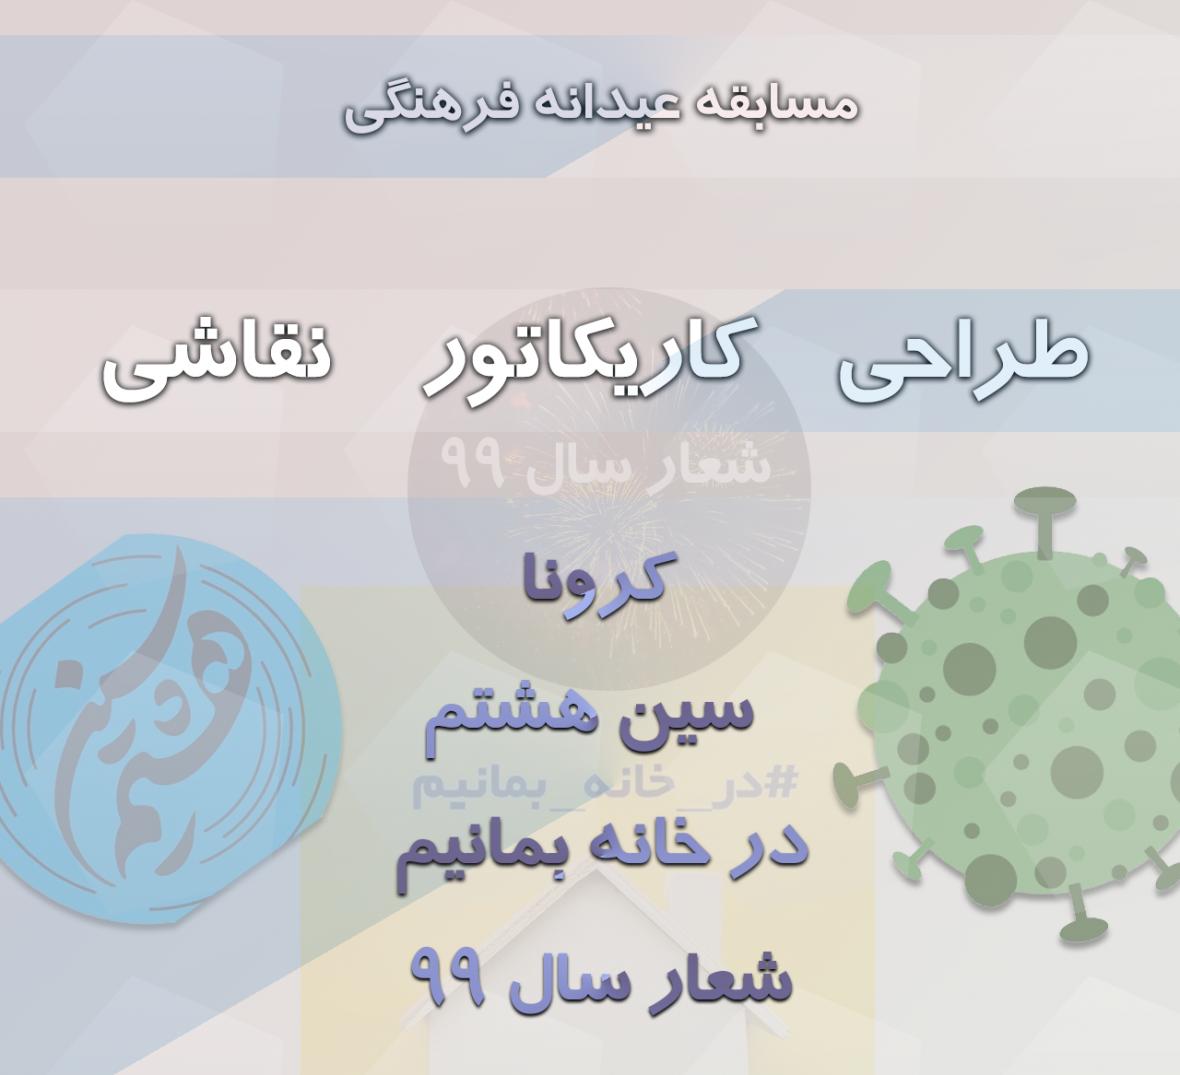 برگزیدگان چهاردهمین روز مسابقه عیدانه فرهنگی خبرنگاران